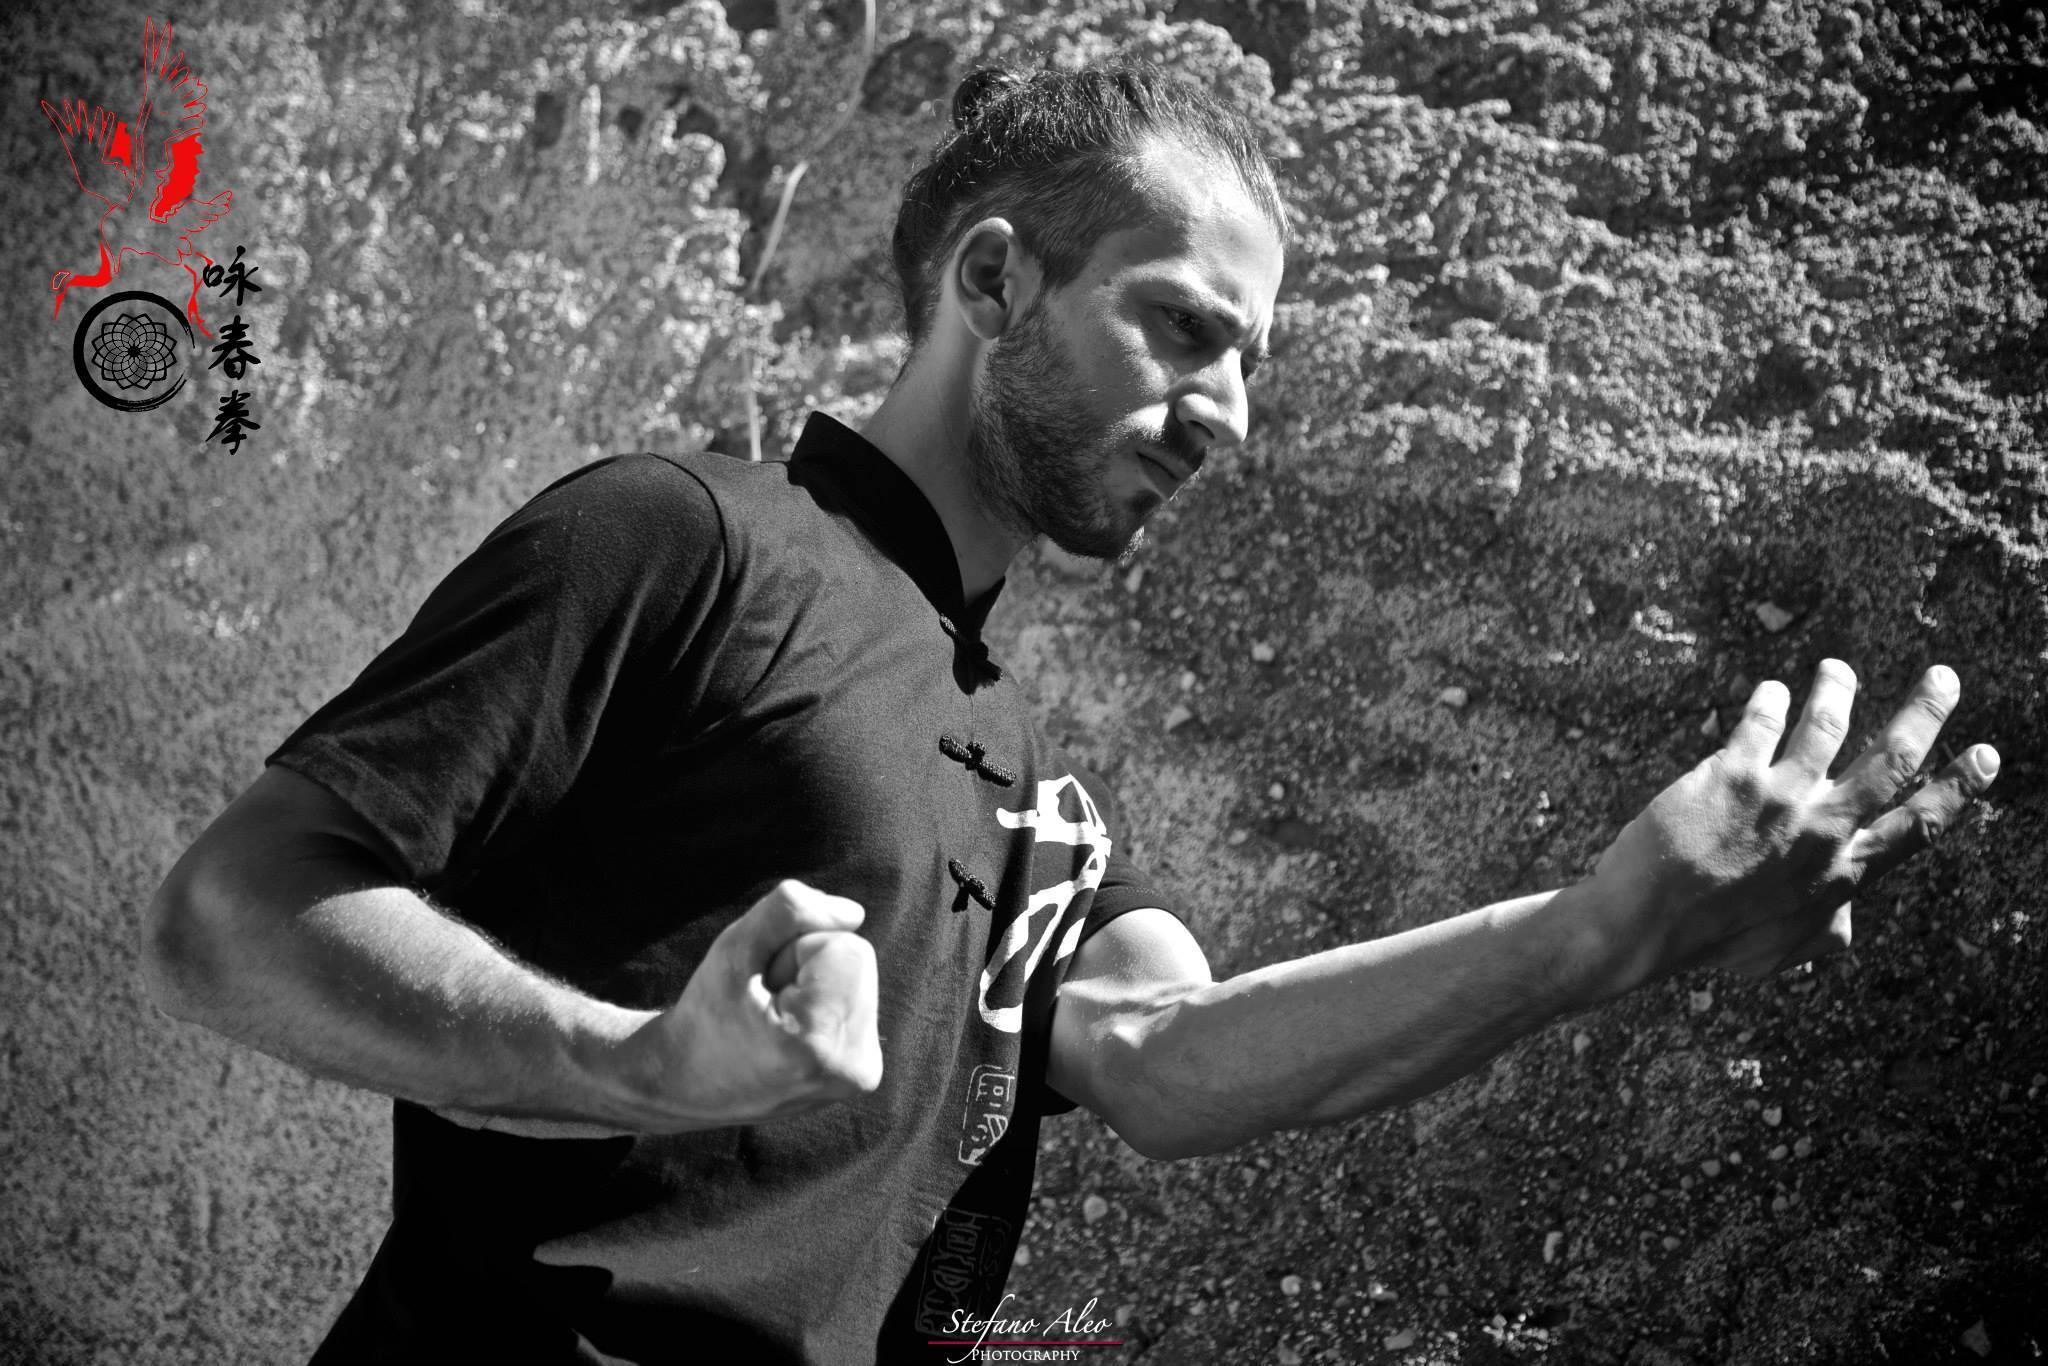 The Wing Chun Long Pole – Chris De Marco